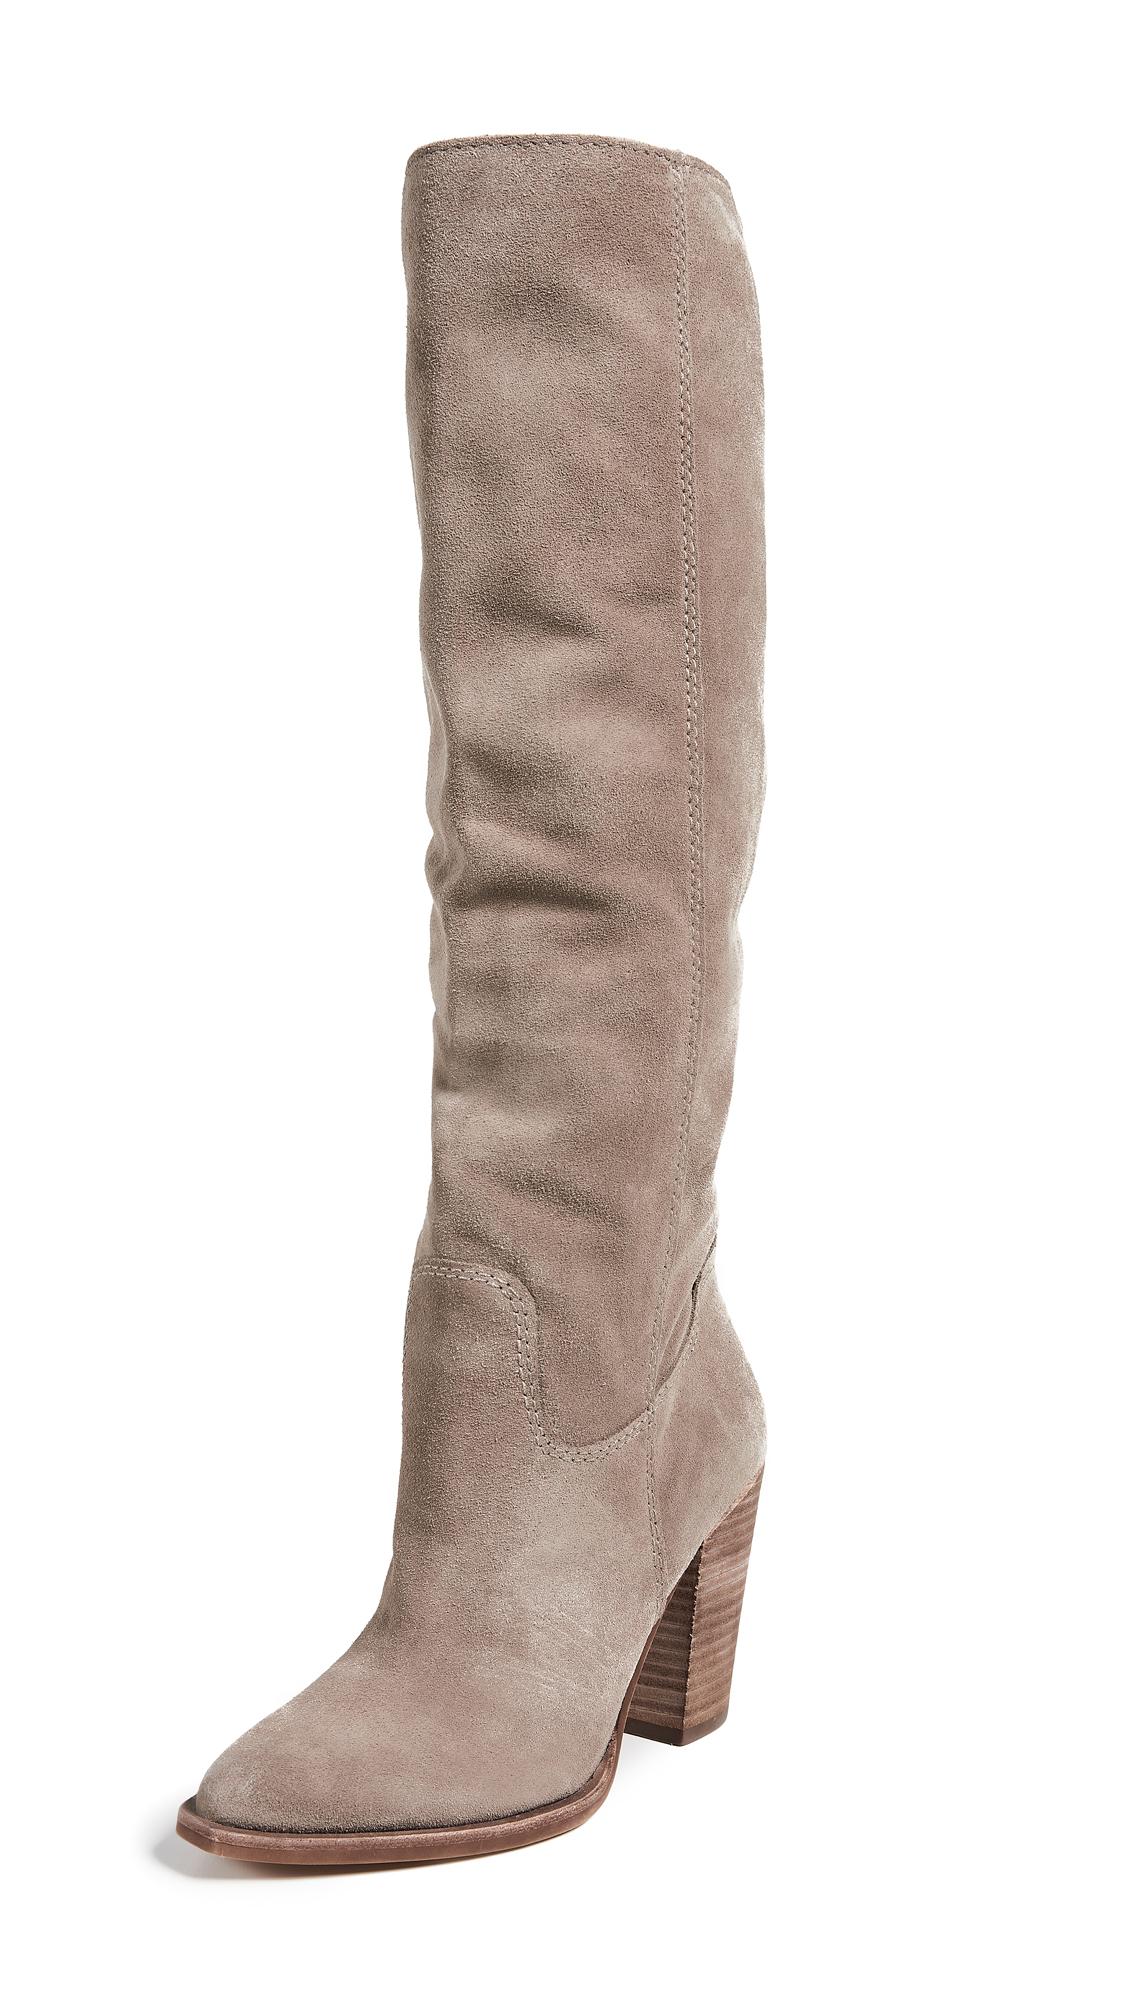 Dolce Vita Kylar Tall Boots - Dark Taupe